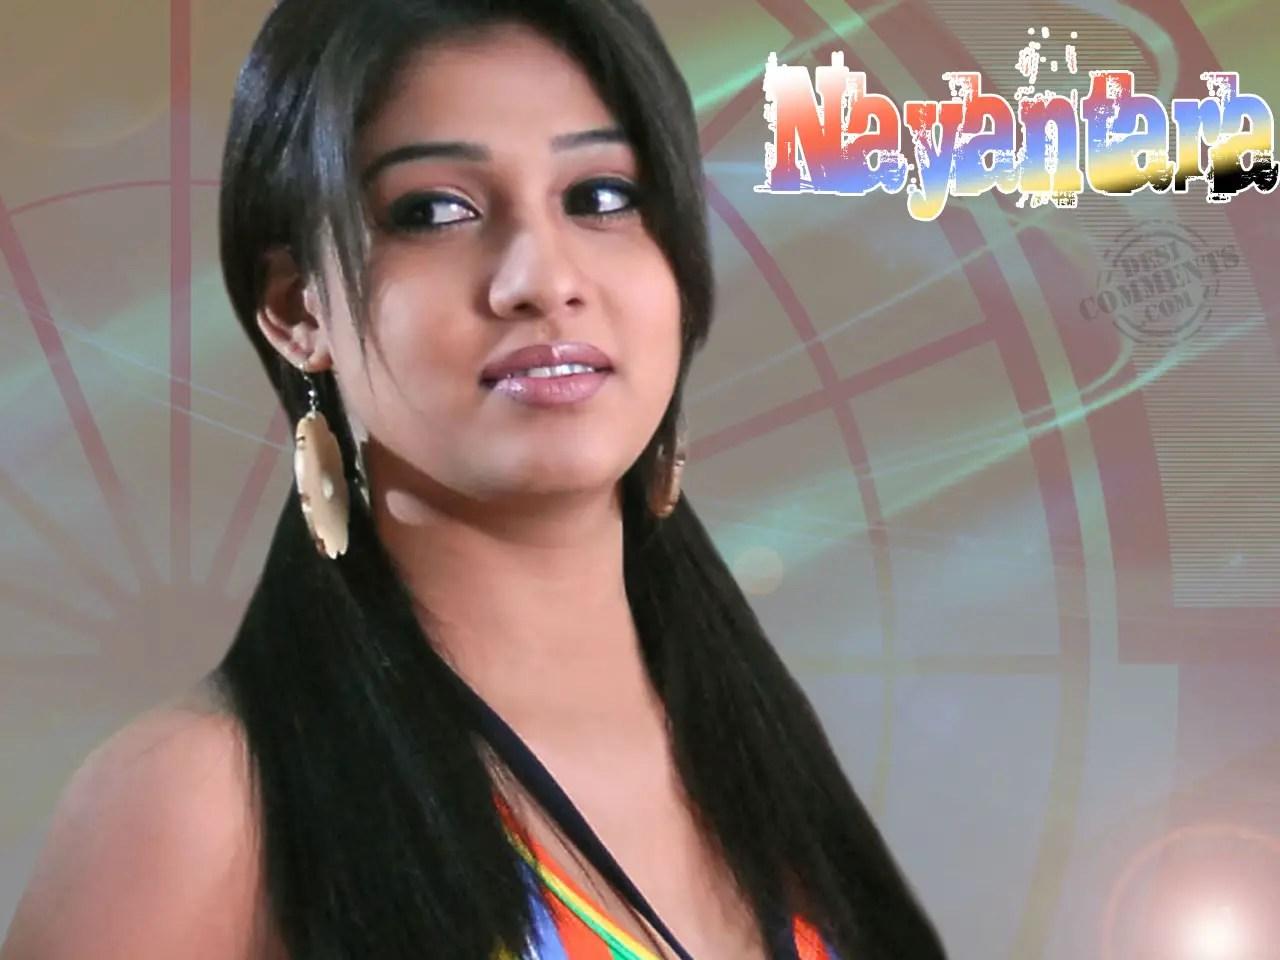 Punjabi Girl With Gun Hd Wallpaper Nayantara Wallpapers South Indian Celebrities